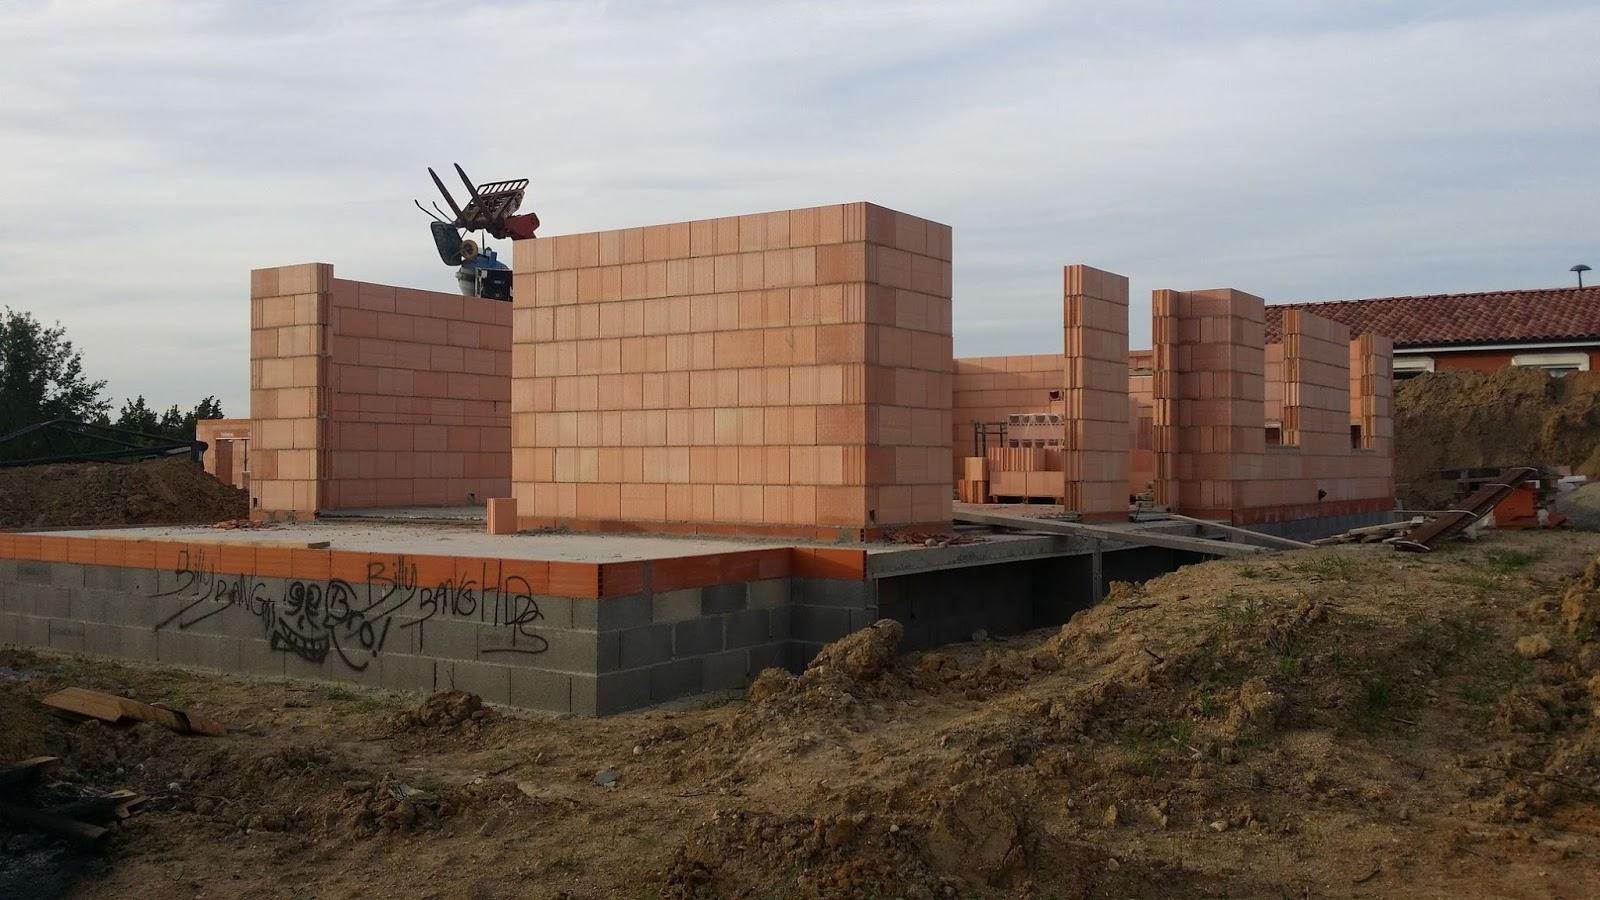 Construire sa maison rt 2012 seul for Construire une maison individuelle rt 2012